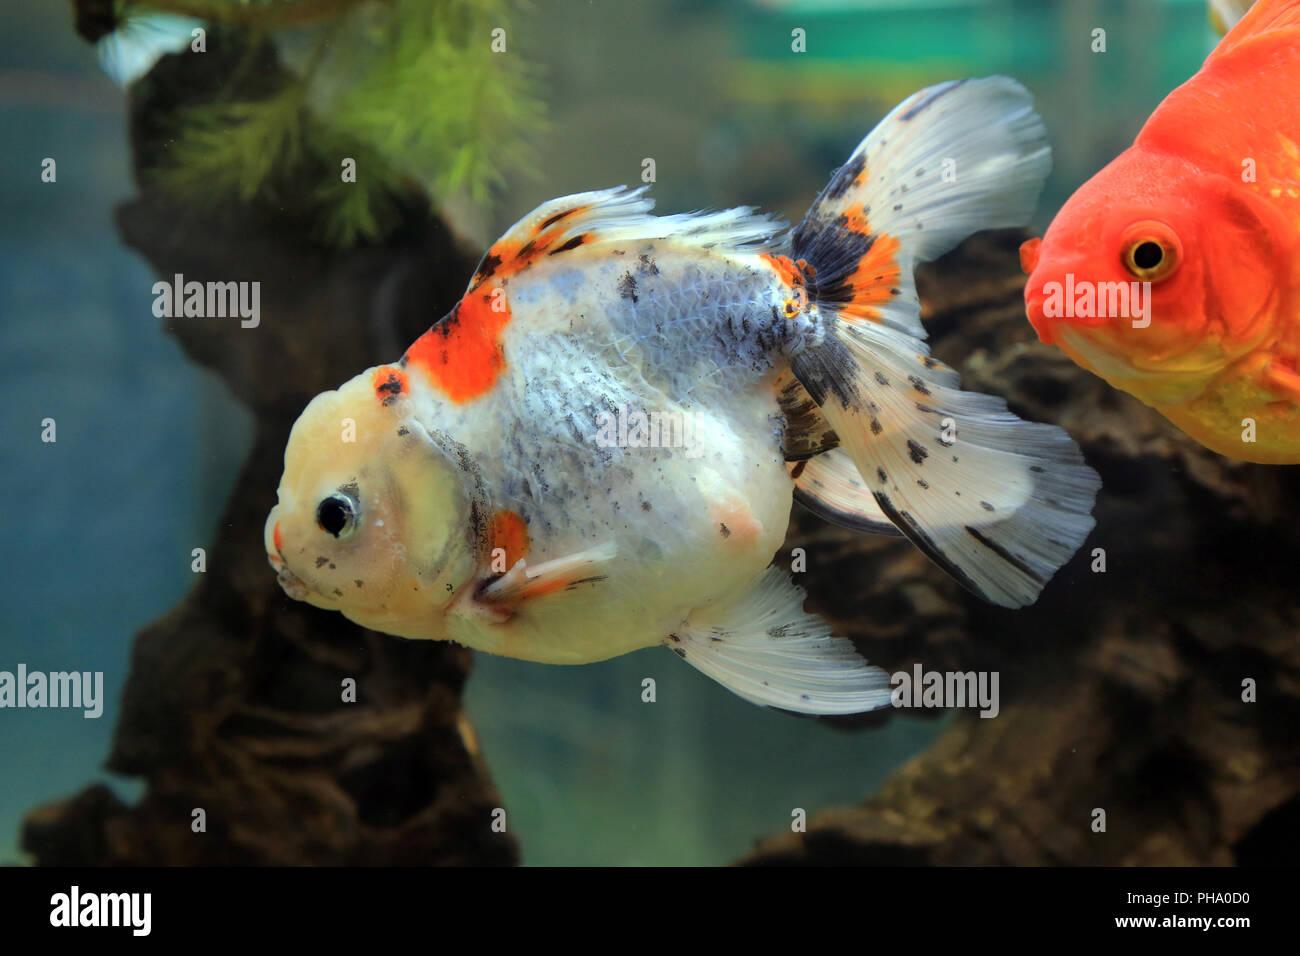 Ryukin Goldfish Stock Photos & Ryukin Goldfish Stock Images